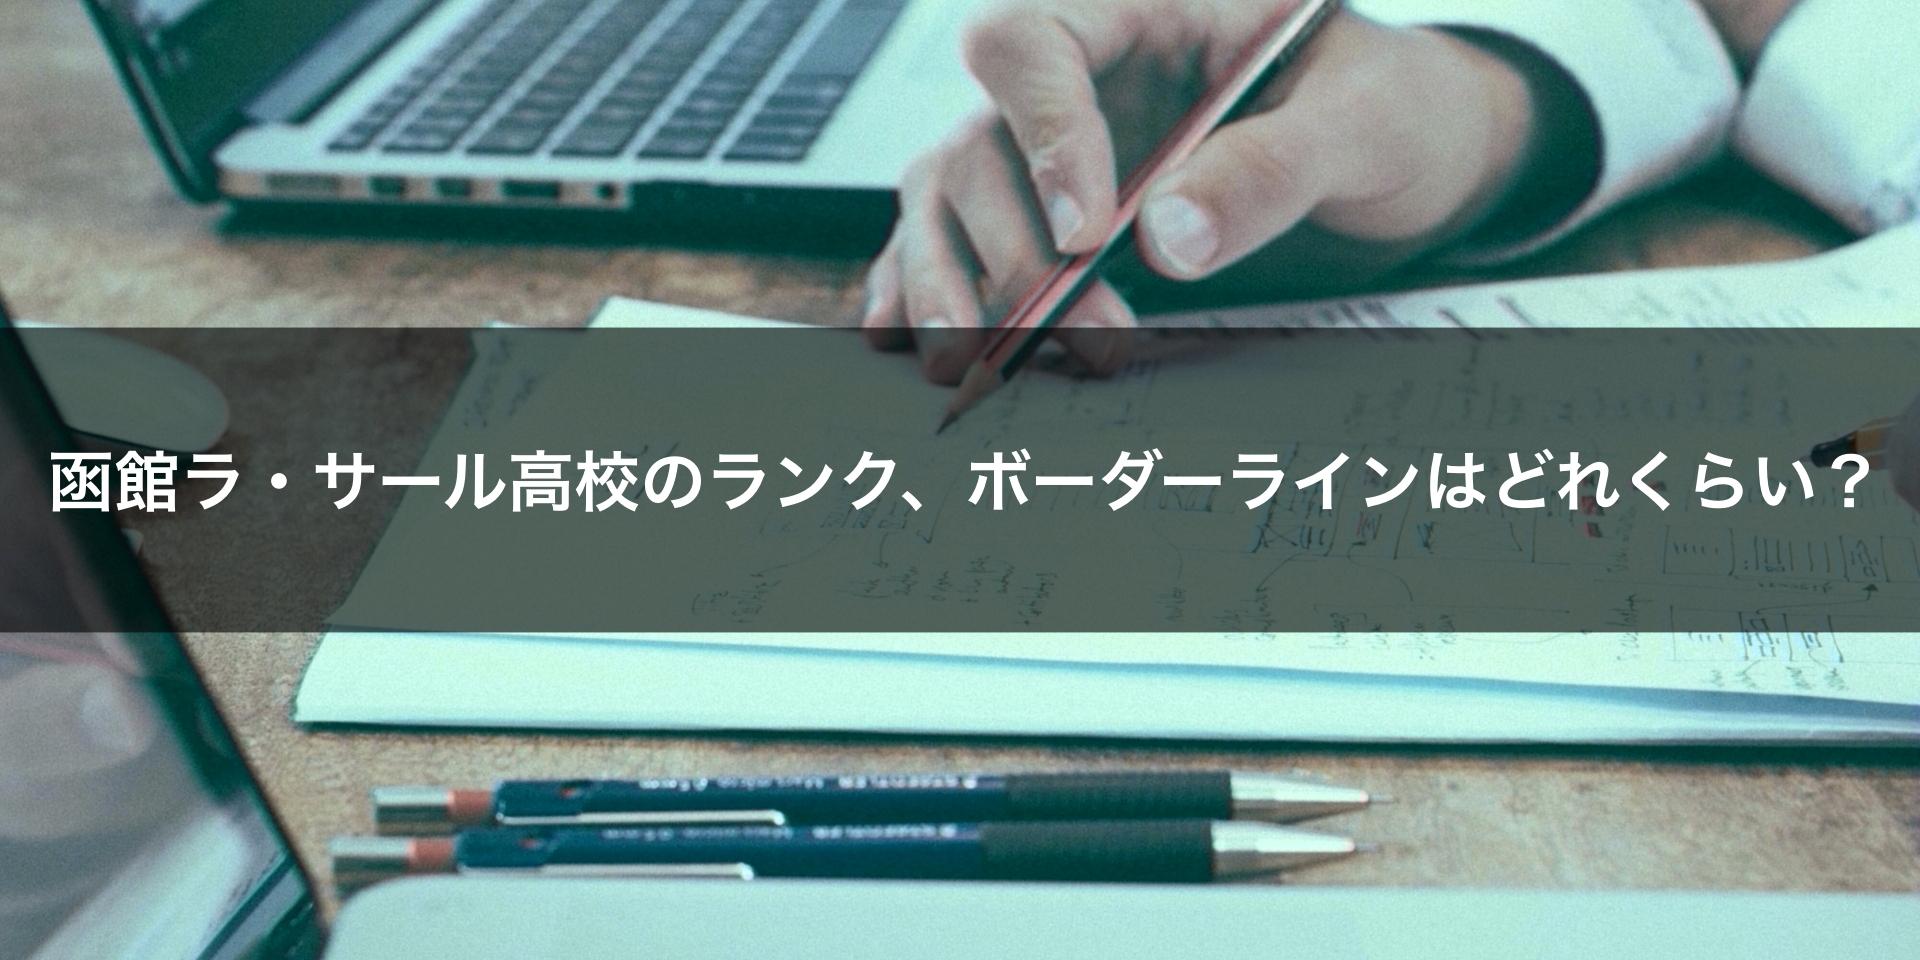 函館ラ・サール高校のランク、ボーダーラインはどれくらい?